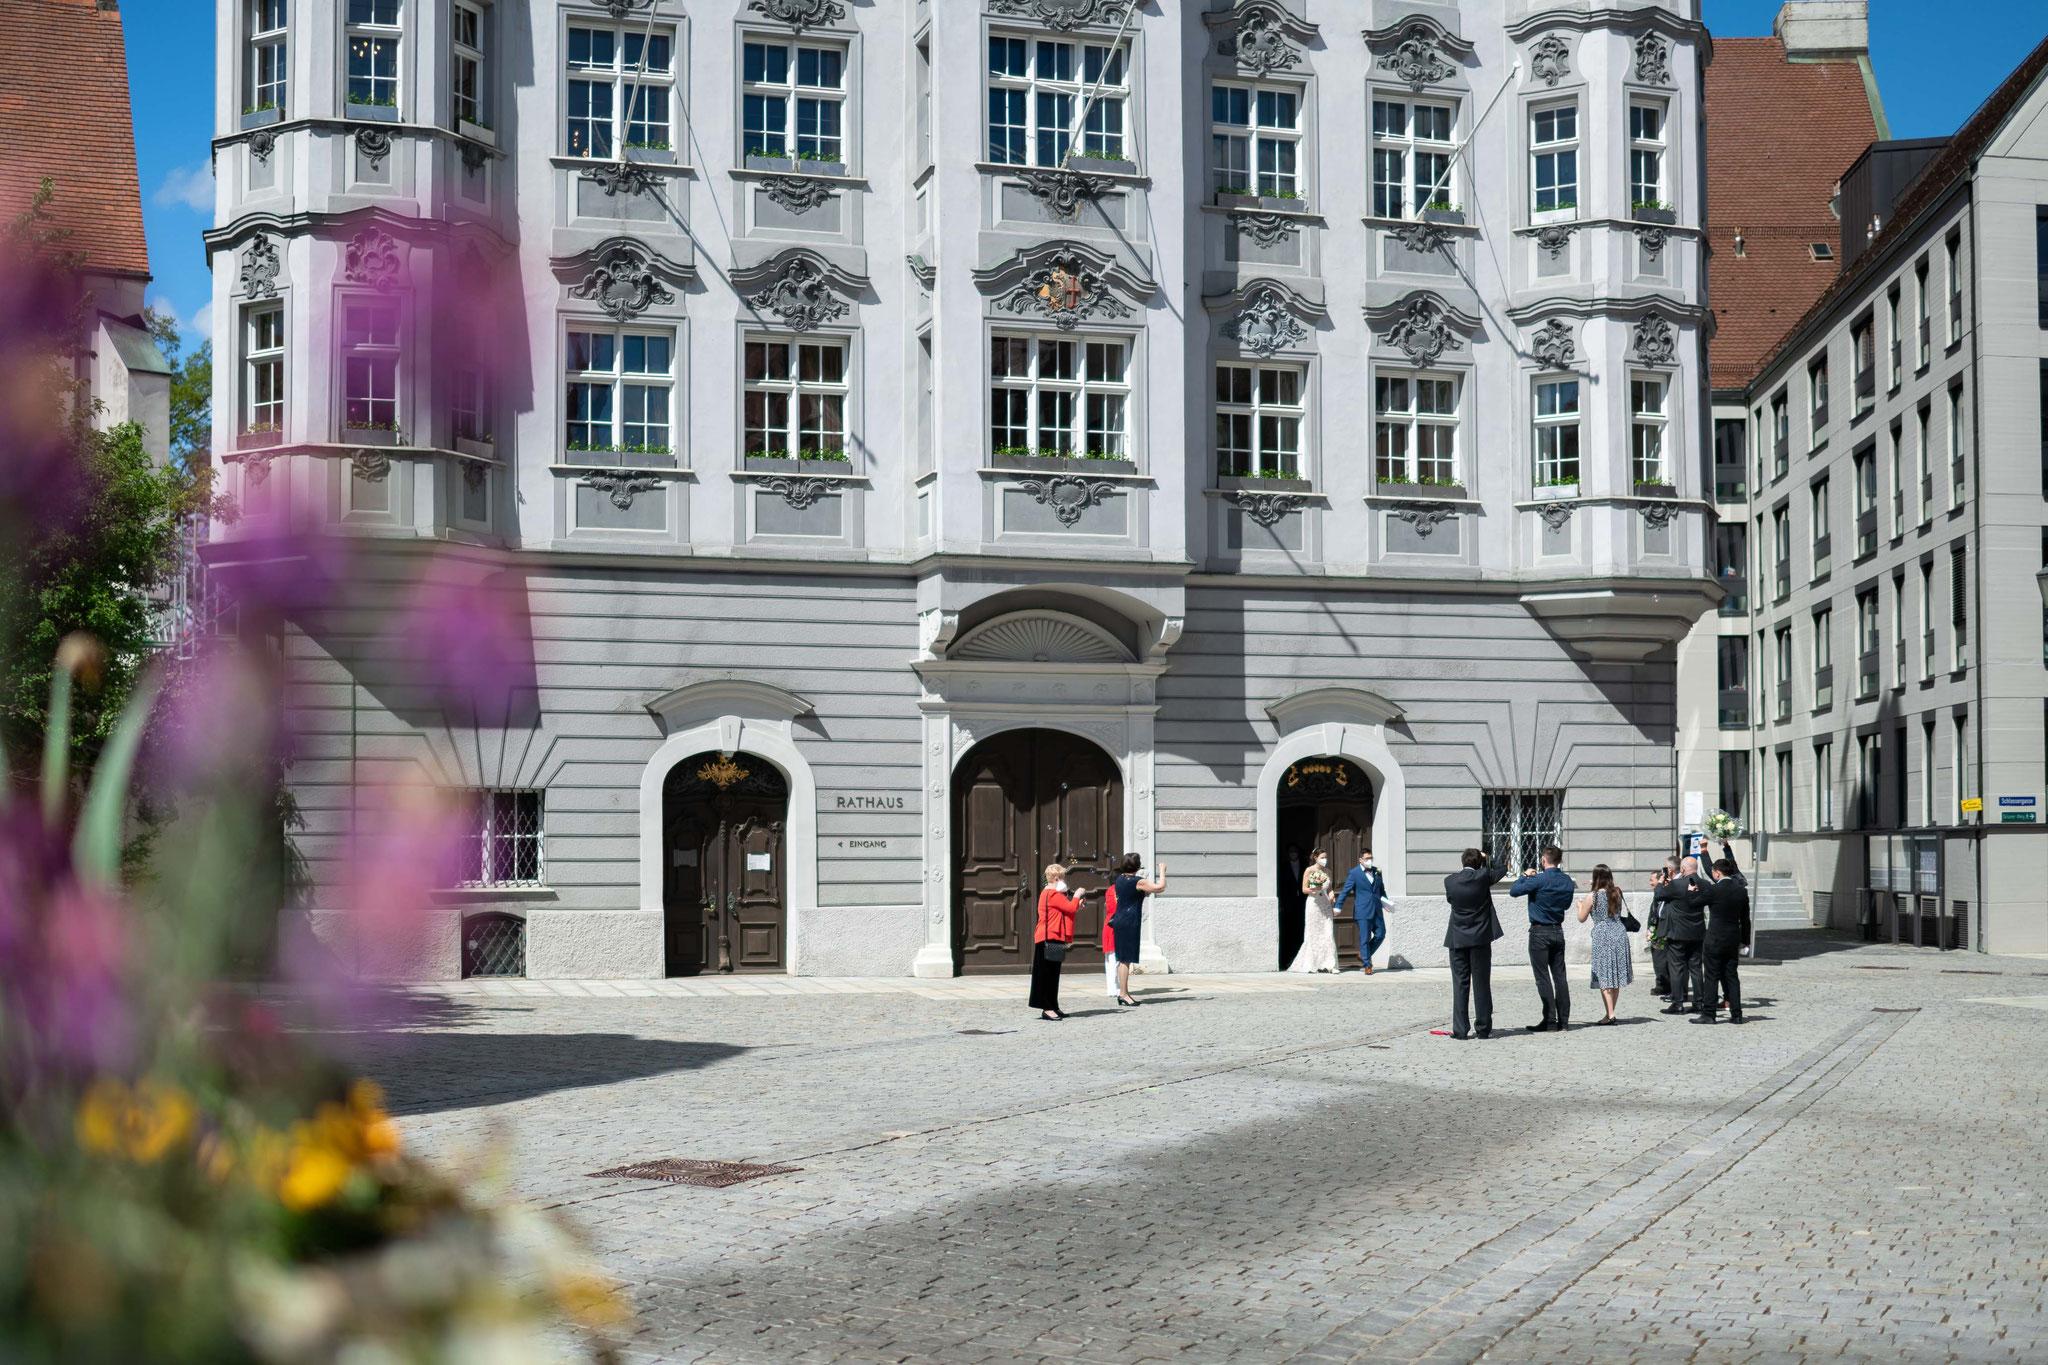 Professioneller Hochzeitsfotograf für meine Hochzeit in Memmingen und Bayern